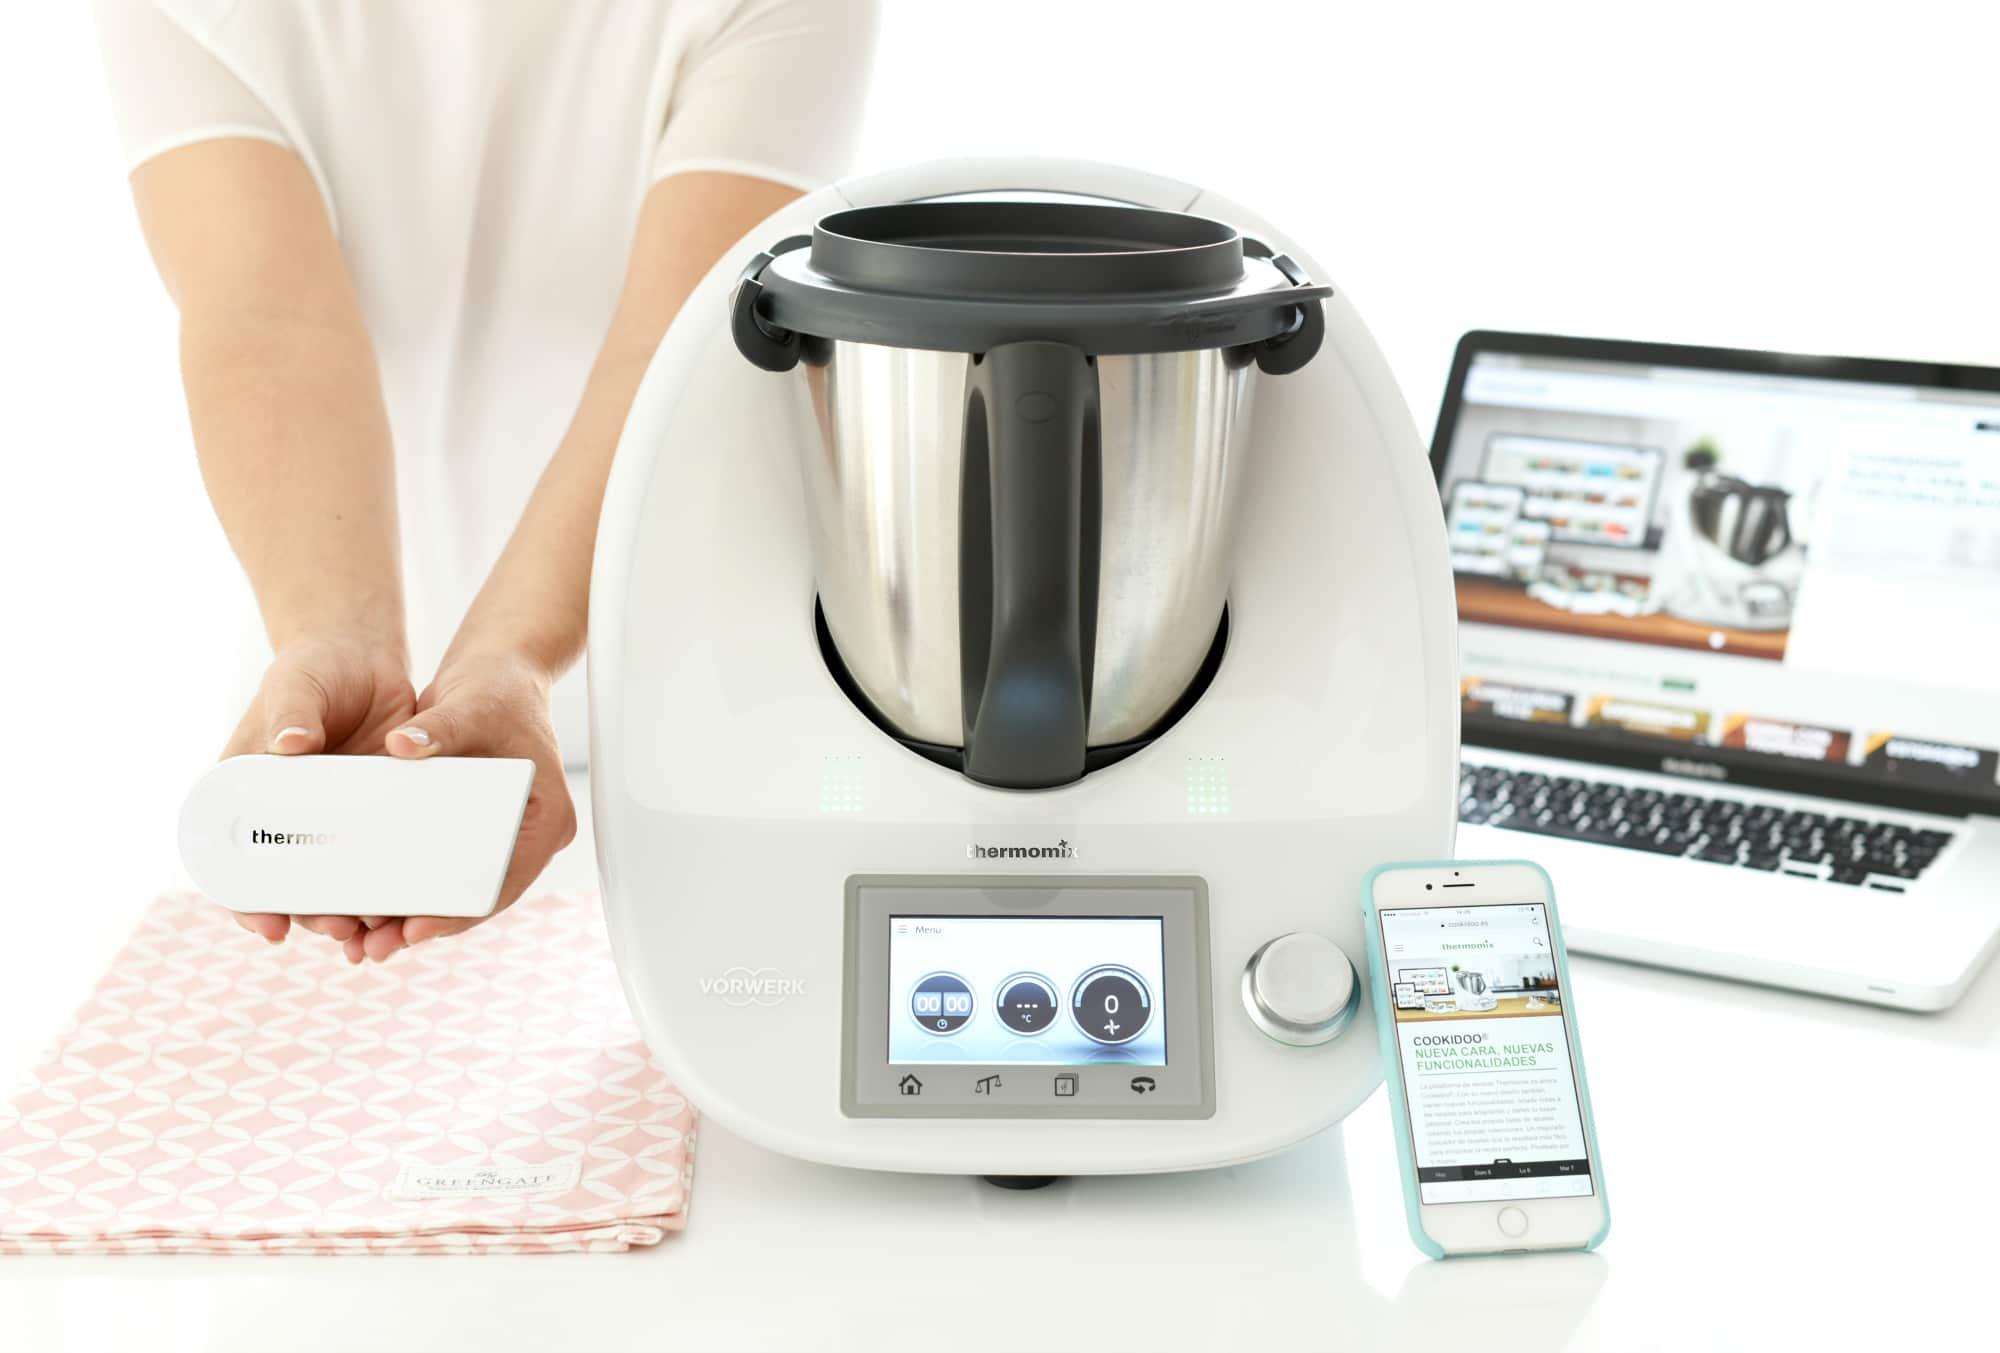 c mo funciona el cook key de thermomix velocidad cuchara. Black Bedroom Furniture Sets. Home Design Ideas